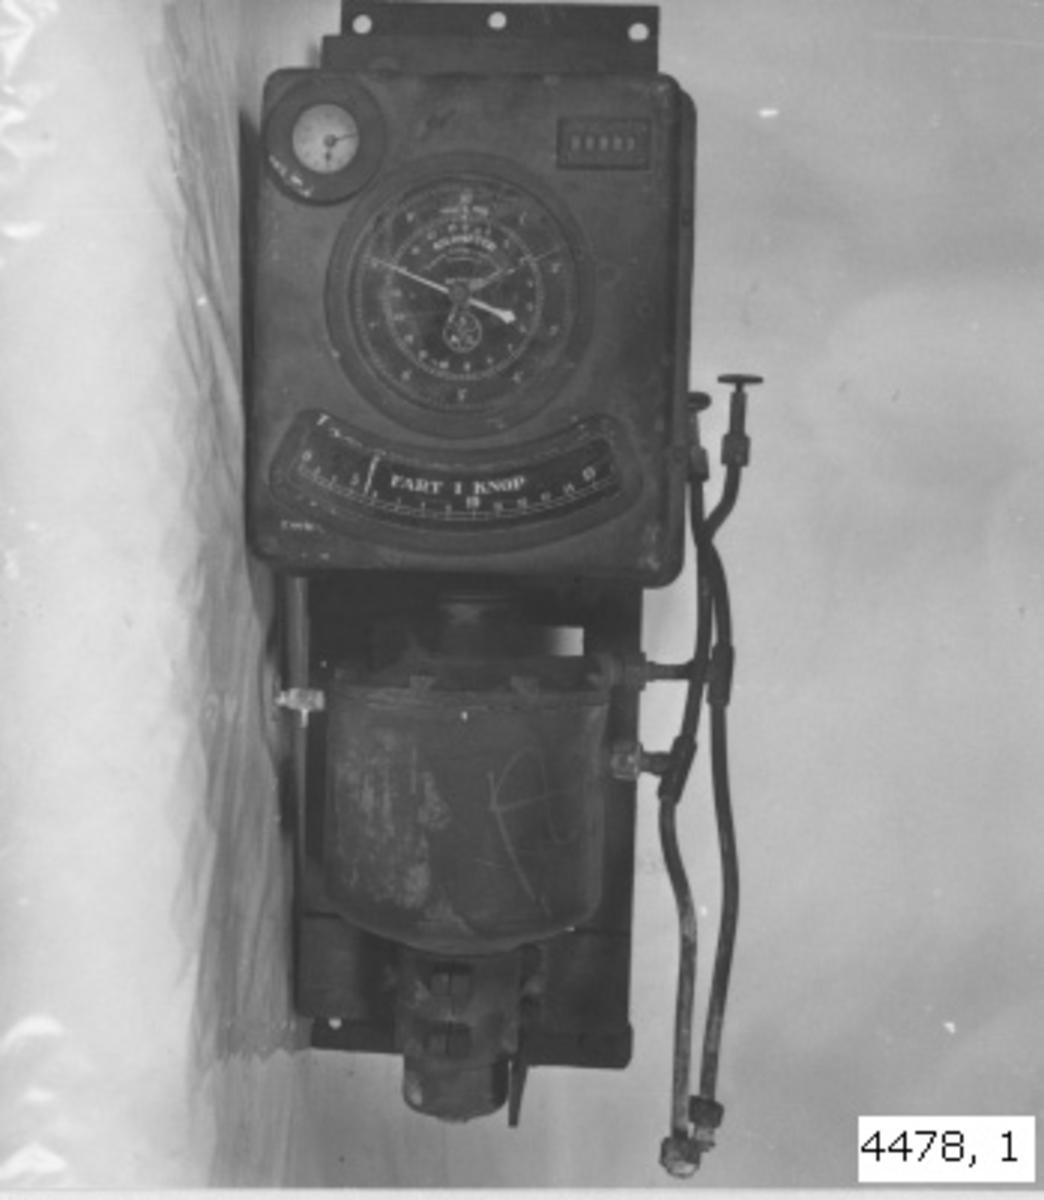 Sallogg huvudinstrument. Till sallogg med tryckhammare av mässing, mörkt gråmålade. Huvudinstrumentet anger å skilda tavlor: Naut. mil 1 -10, klinometer 1 - 18, fart i knop 0 - 16. summa naut. mil samt tiden 1 - 12. Urverket är av mässing och urtaget ur apparaten. Huvudinstrumentet med tryckkammare fastsatt på ställning av plattjärn. Märkning: Svenska Aktiebolaget Logg Stockholm Patent.